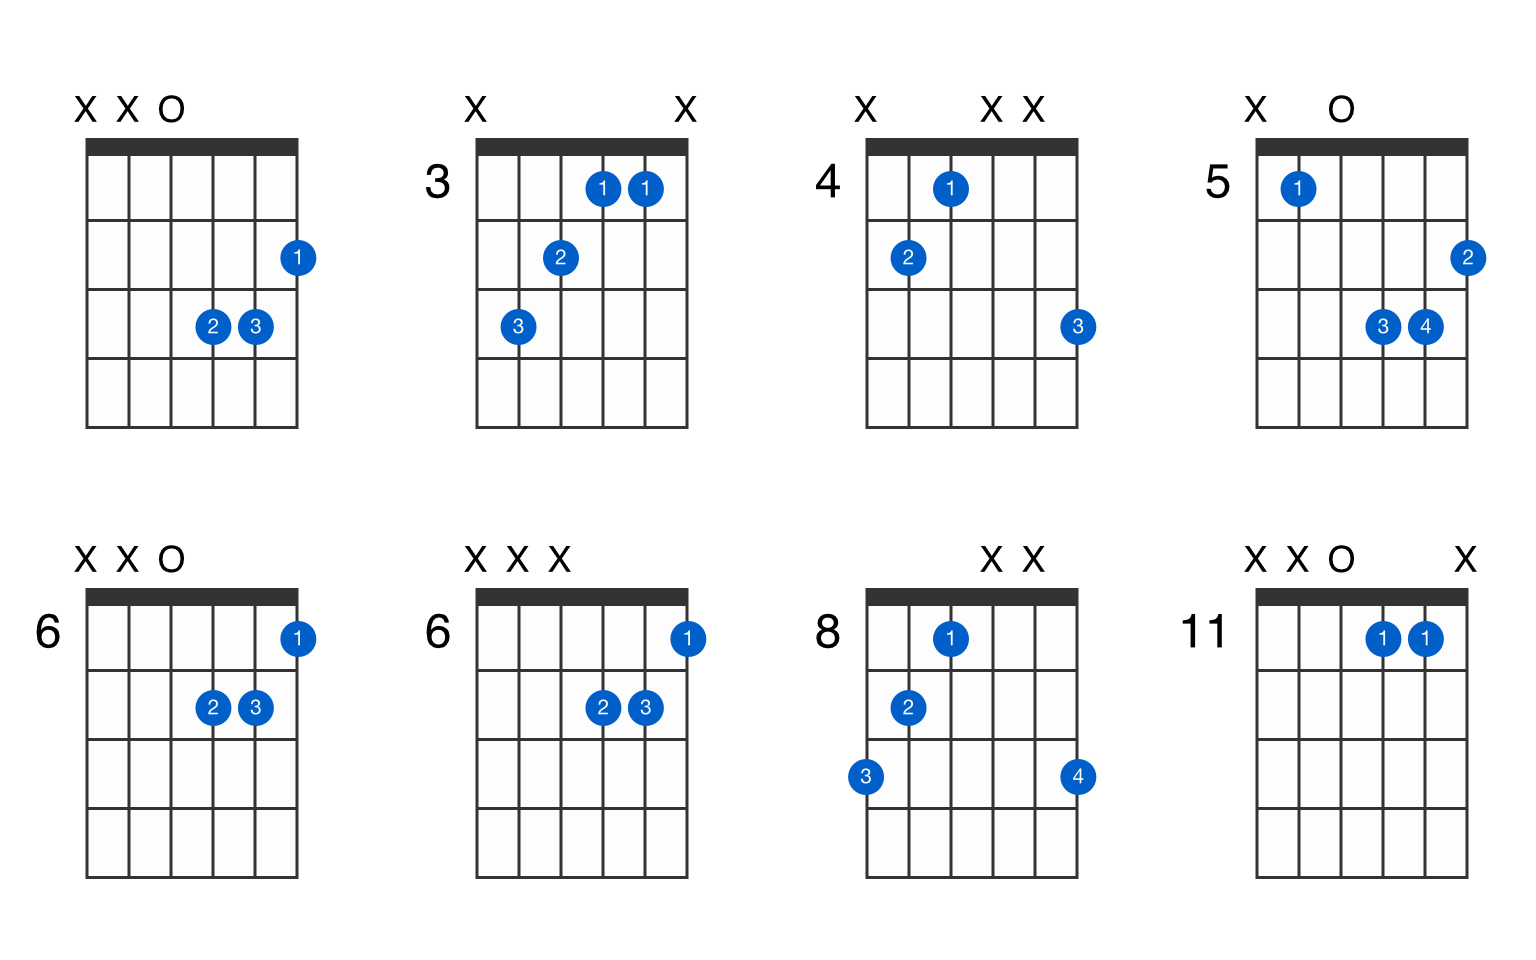 D augmented guitar chord   GtrLib Chords